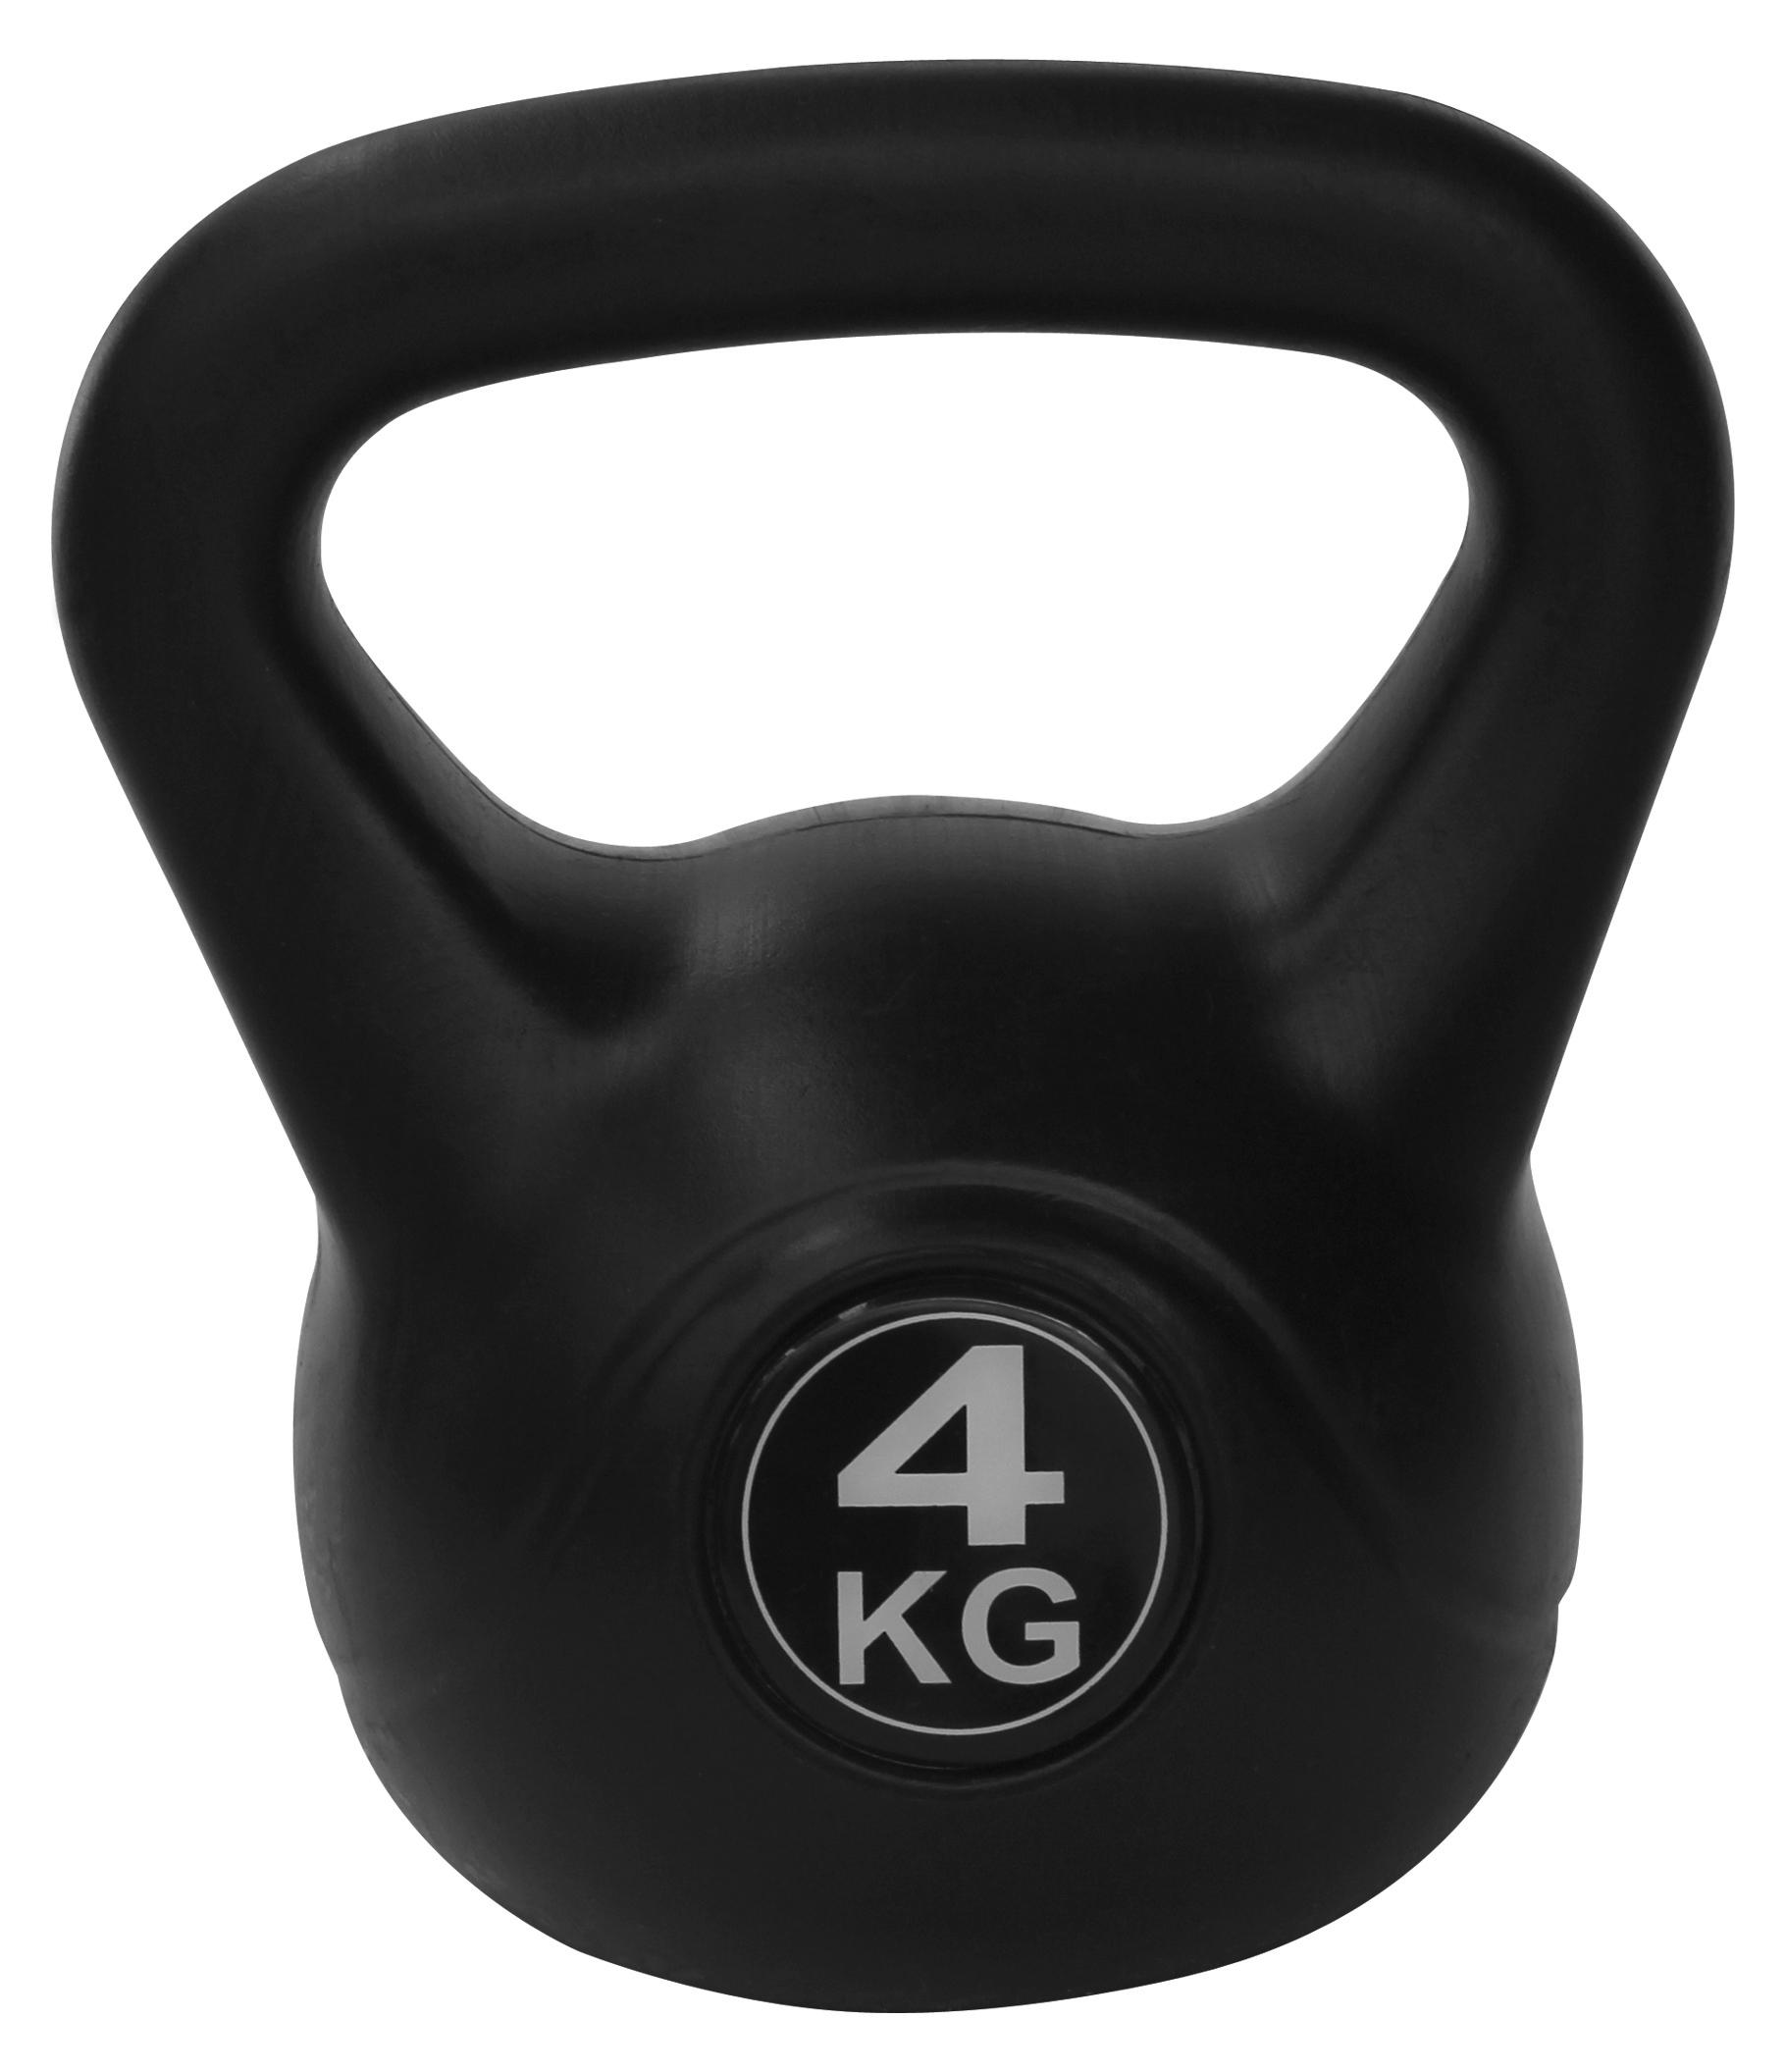 AVENTO Kettlebell 4 of 8 kg